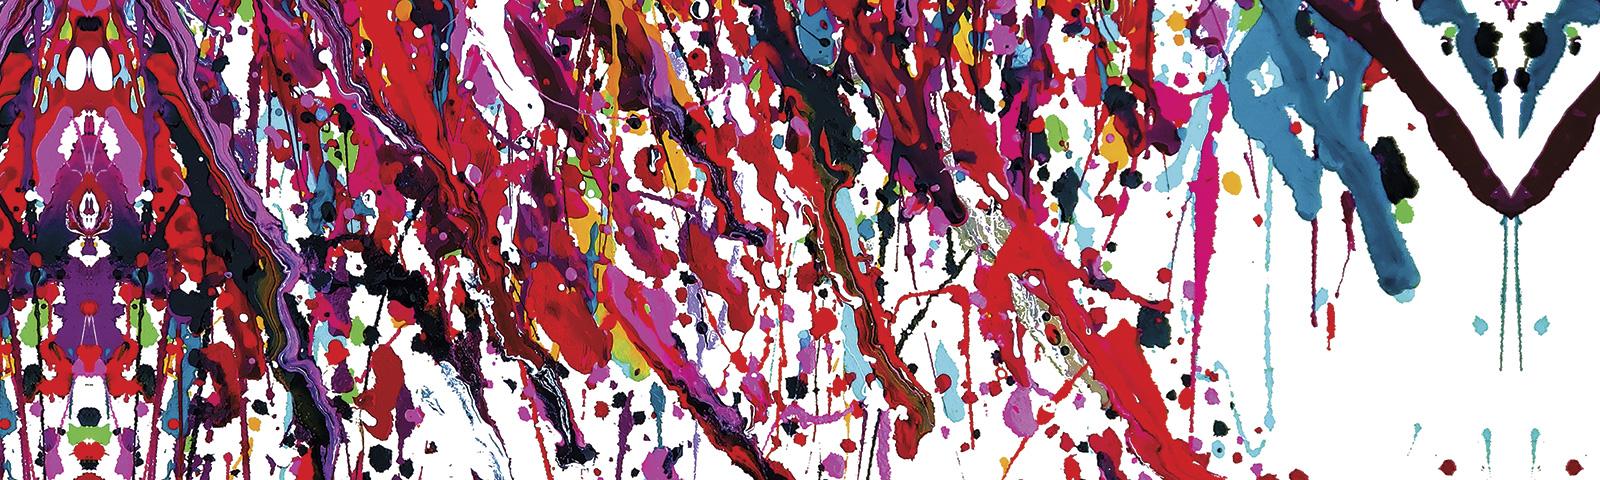 Canvas Leinwand Kunstdruck: Gemaelde bunte Farbtupfer auf weißem Hintergrund